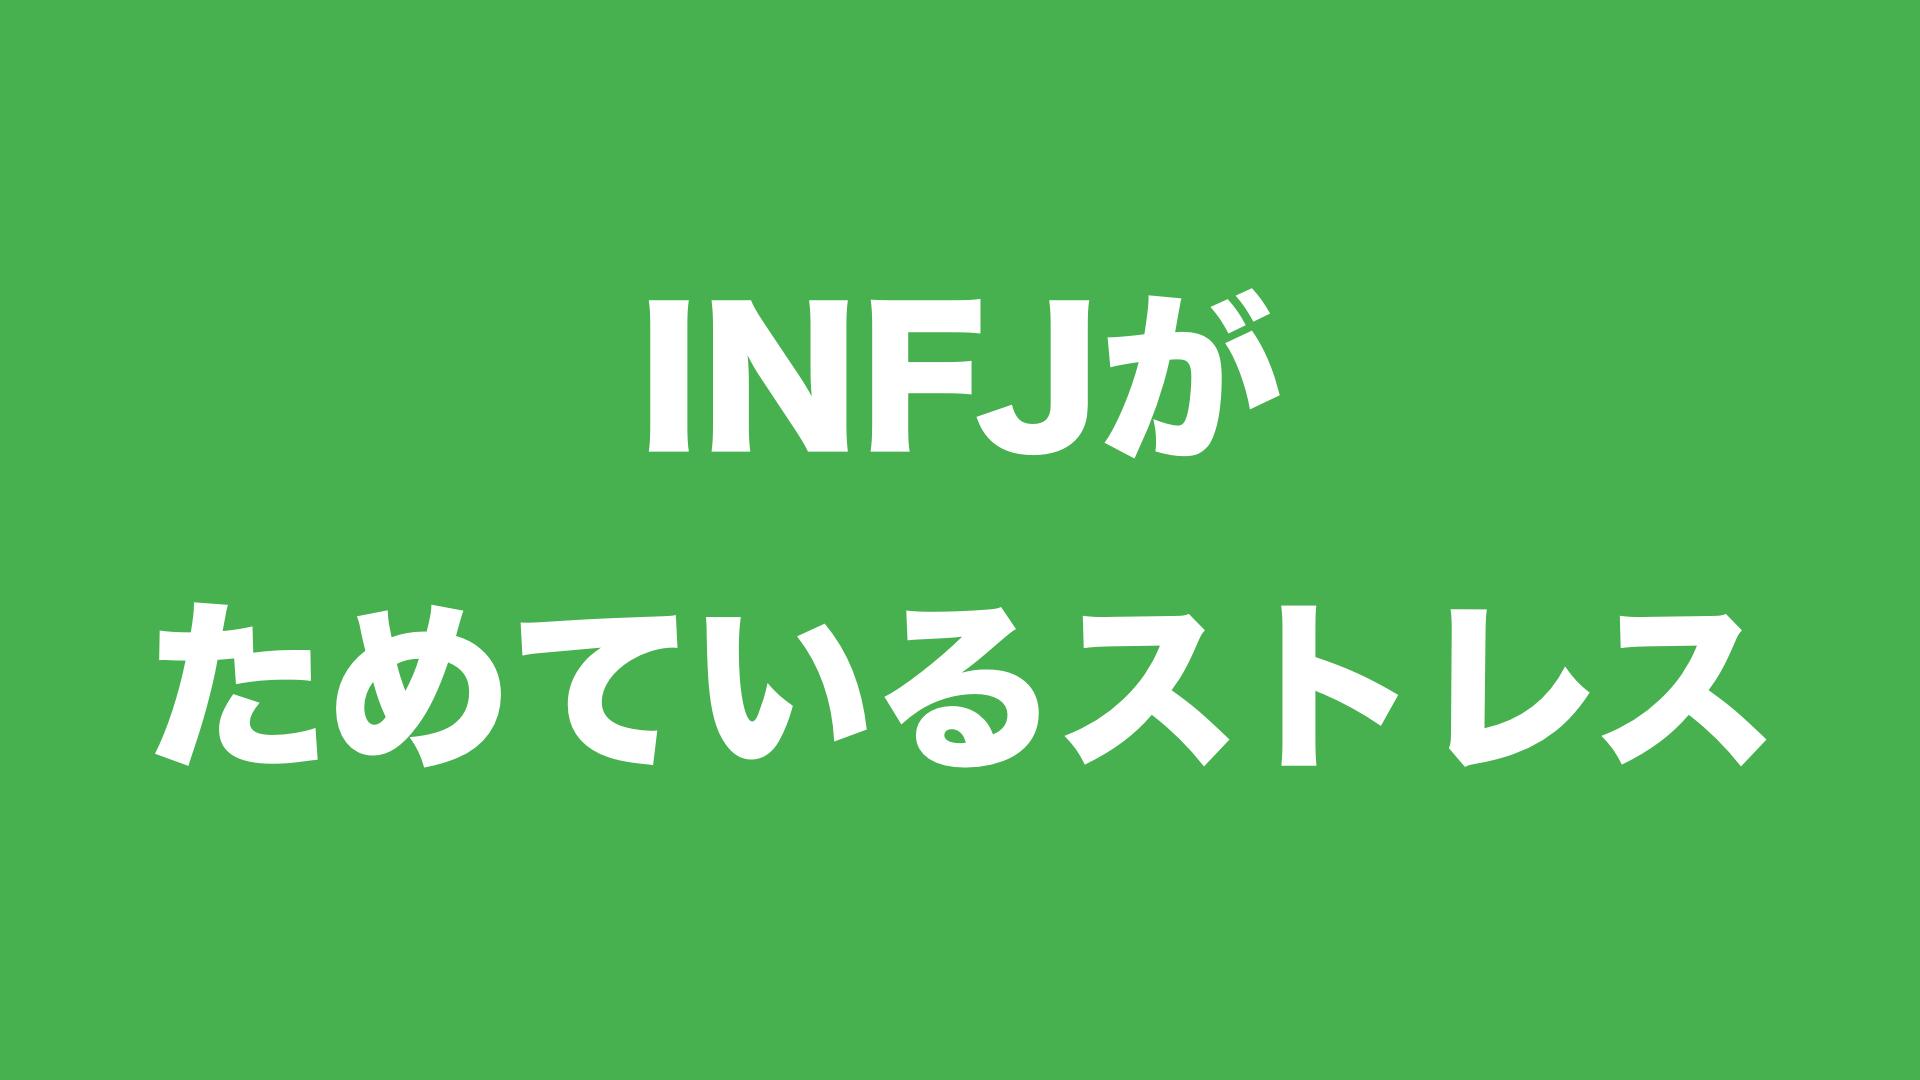 【MBTI】INFJが知らずのうちに溜めてしまっているストレス